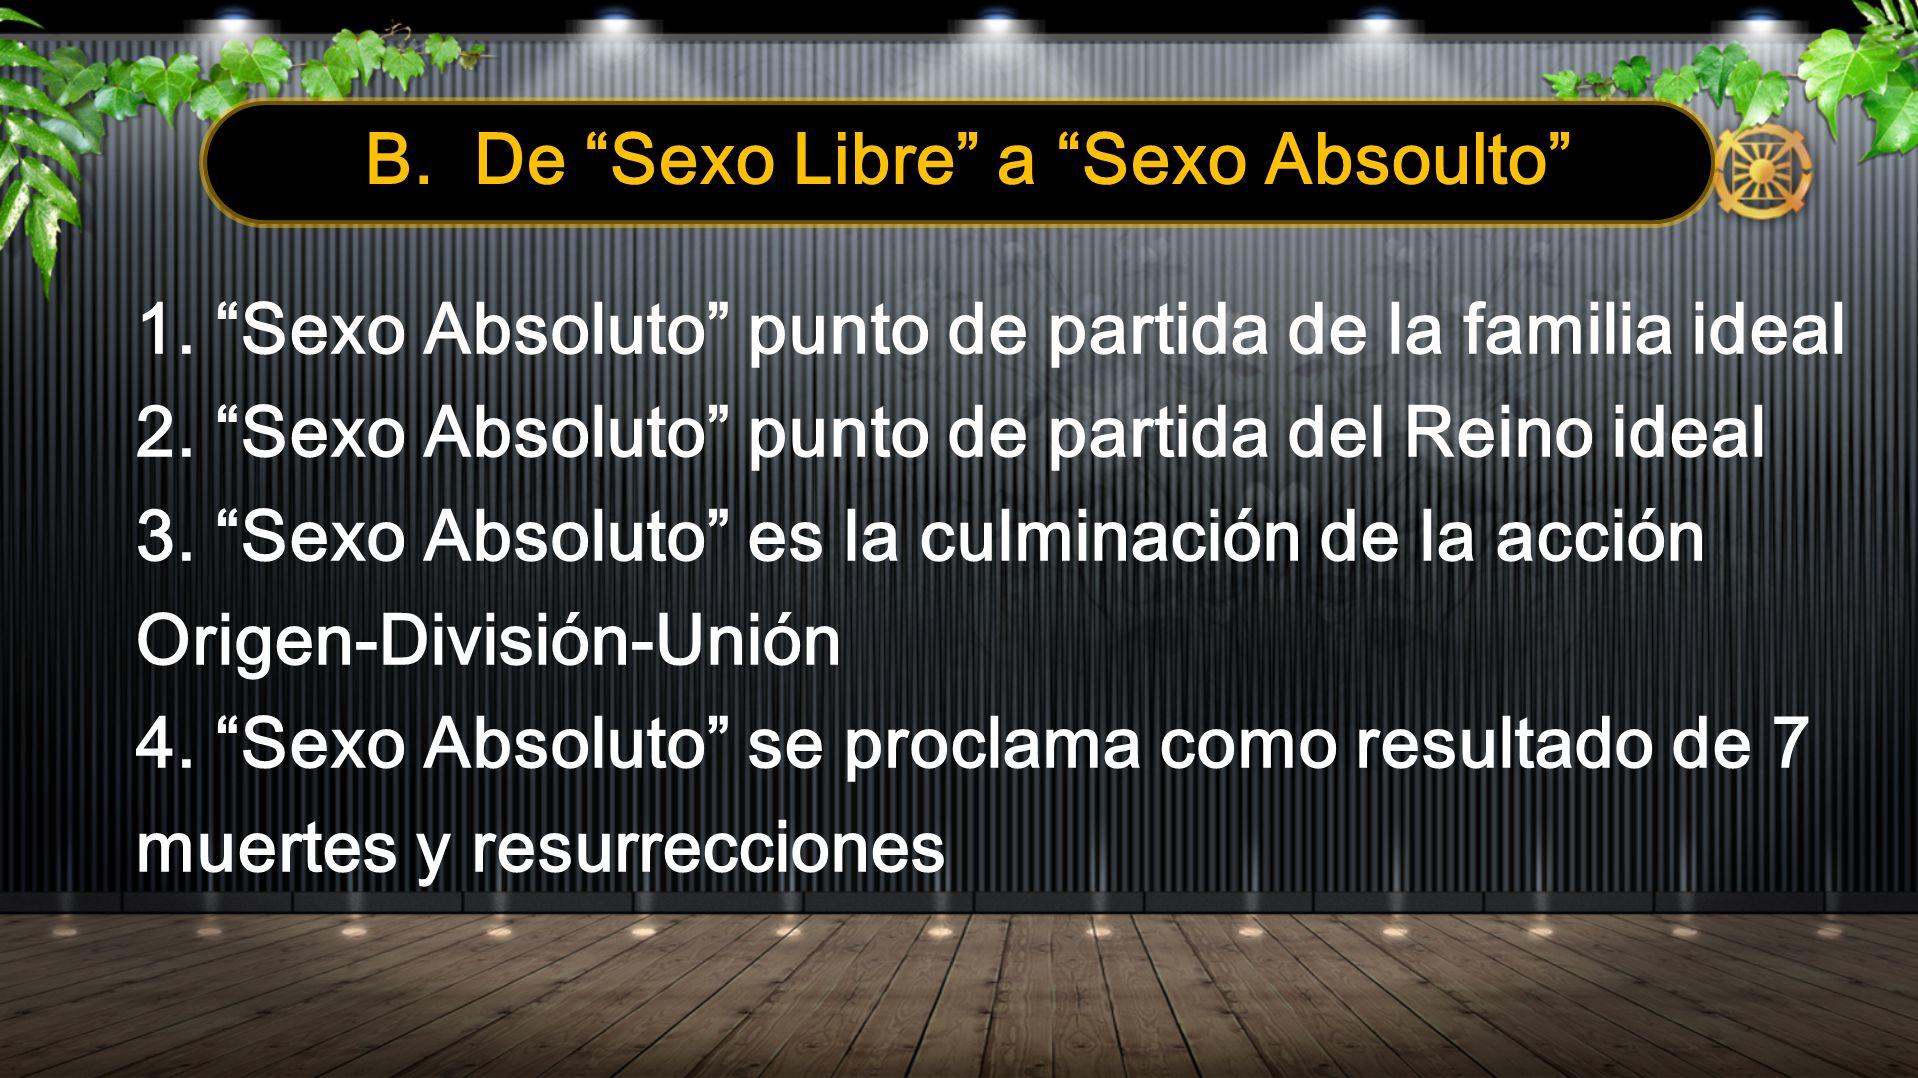 B. De Sexo Libre a Sexo Absoulto